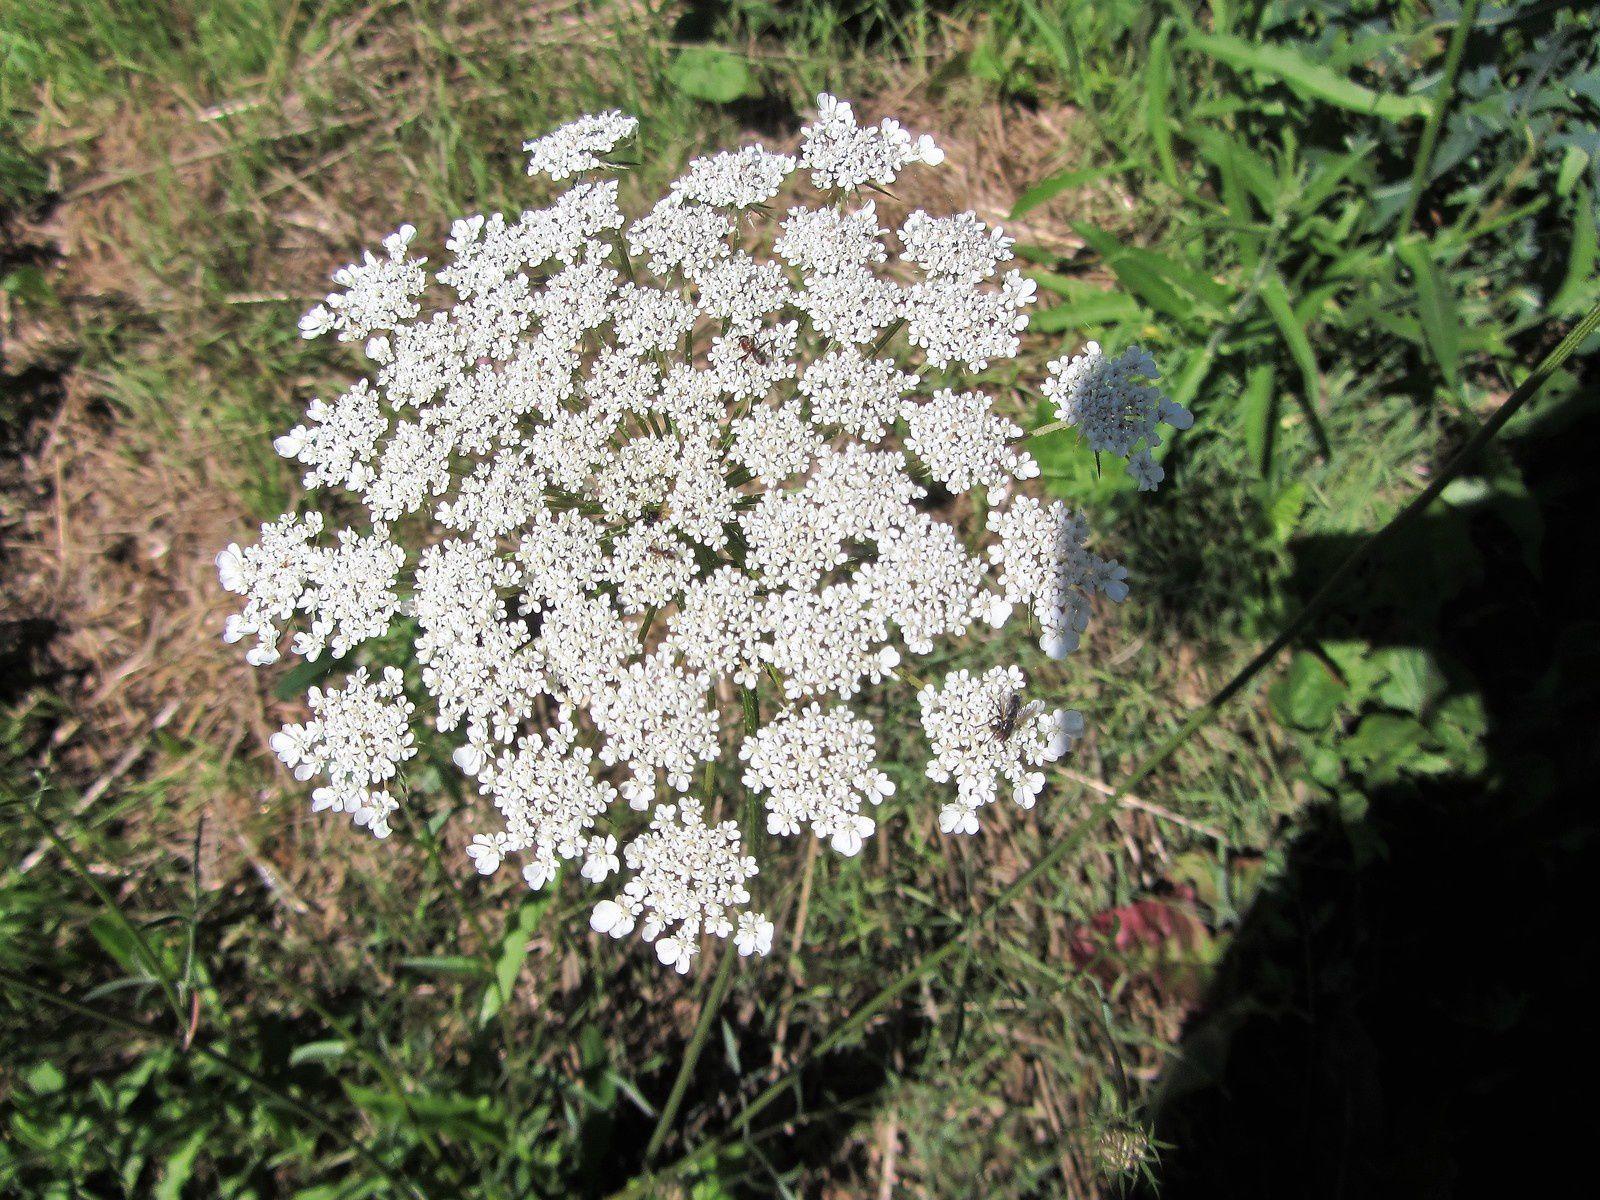 Quelques photos de fleurs des champs.Photos glanées au cours de nos vacances cet été.